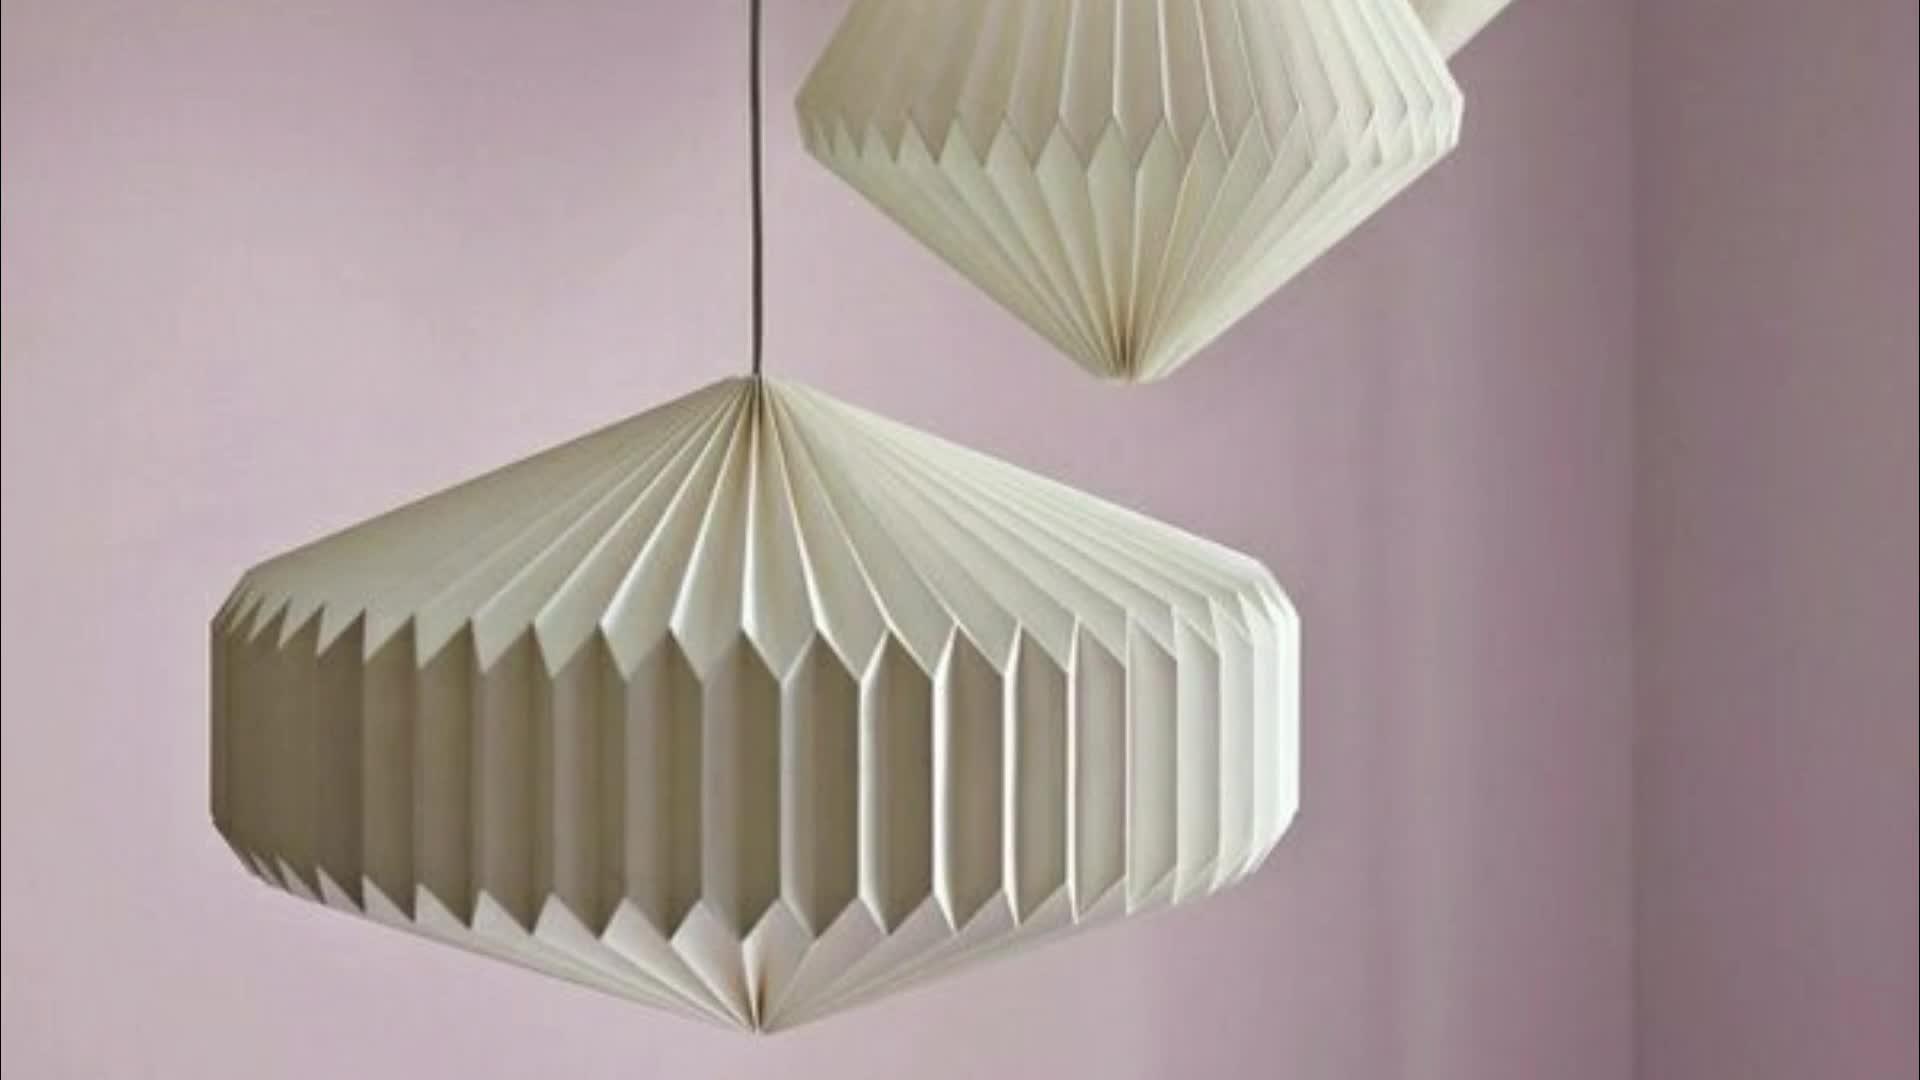 คุณภาพสูง Origami โคมไฟบอลโคมไฟโคมไฟตกแต่งในร่ม